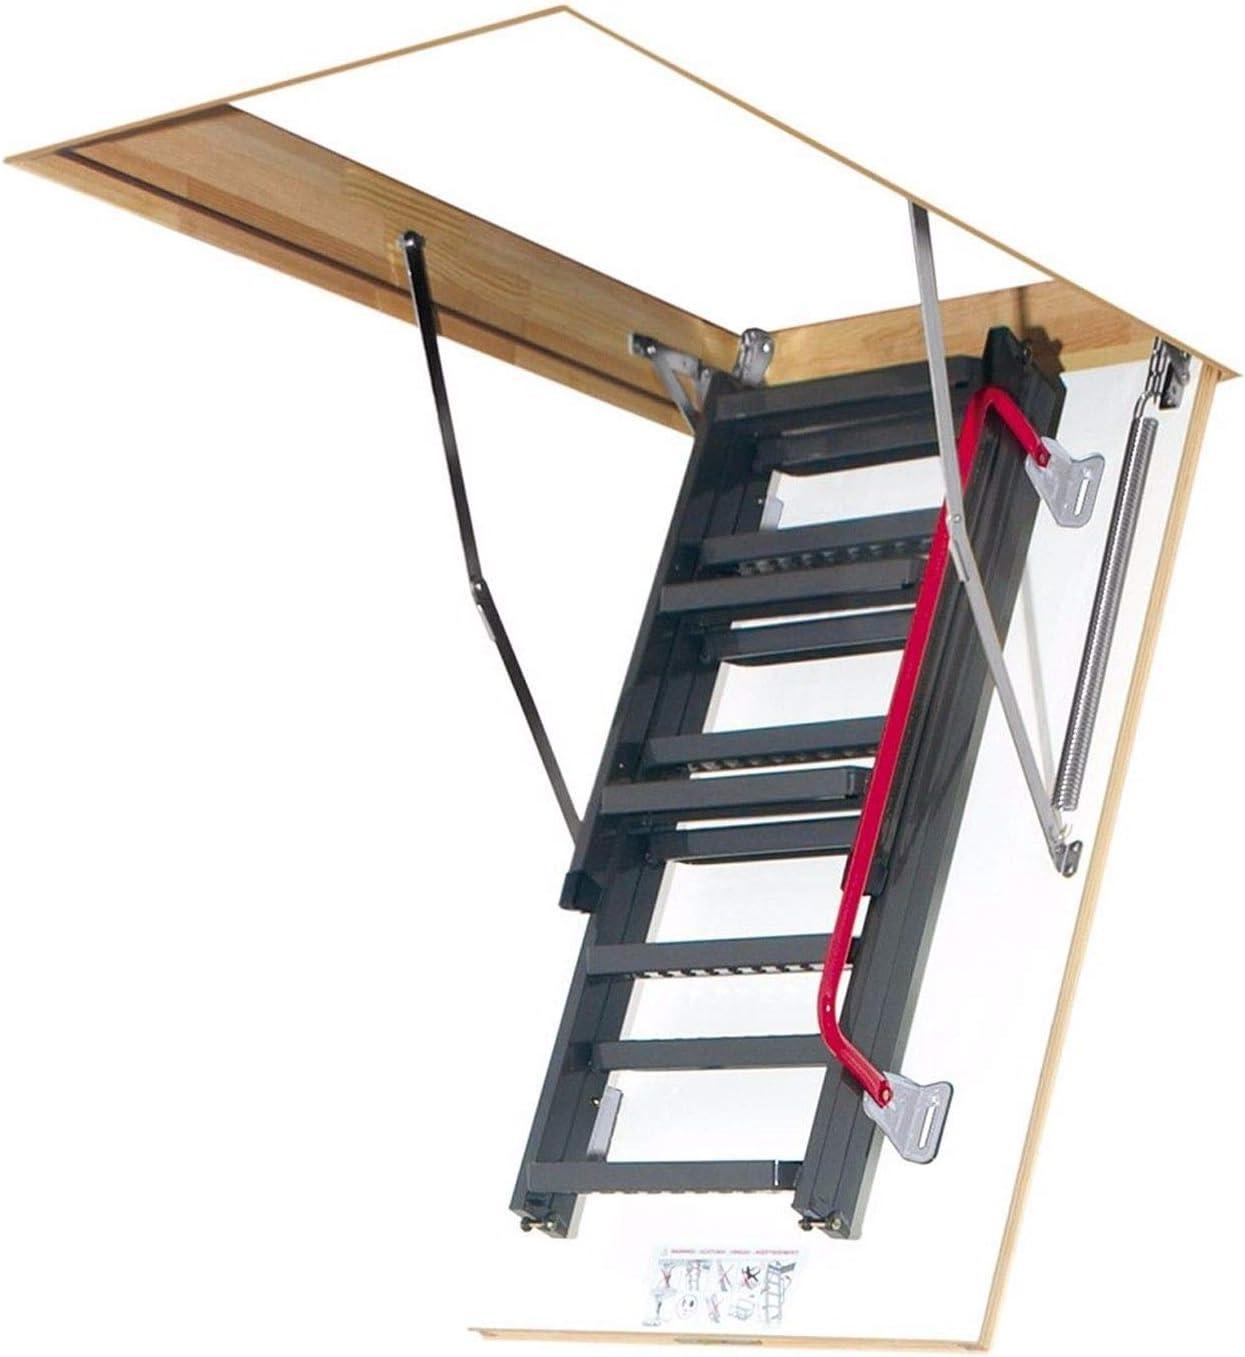 Ged/ämmte Bodentreppe Dachbodentreppe mit LXL Abdeckleisten Viele Gr/ö/ßen und Modellen Speichertreppe LWK Komfort, 60 x 120 x 280 cm